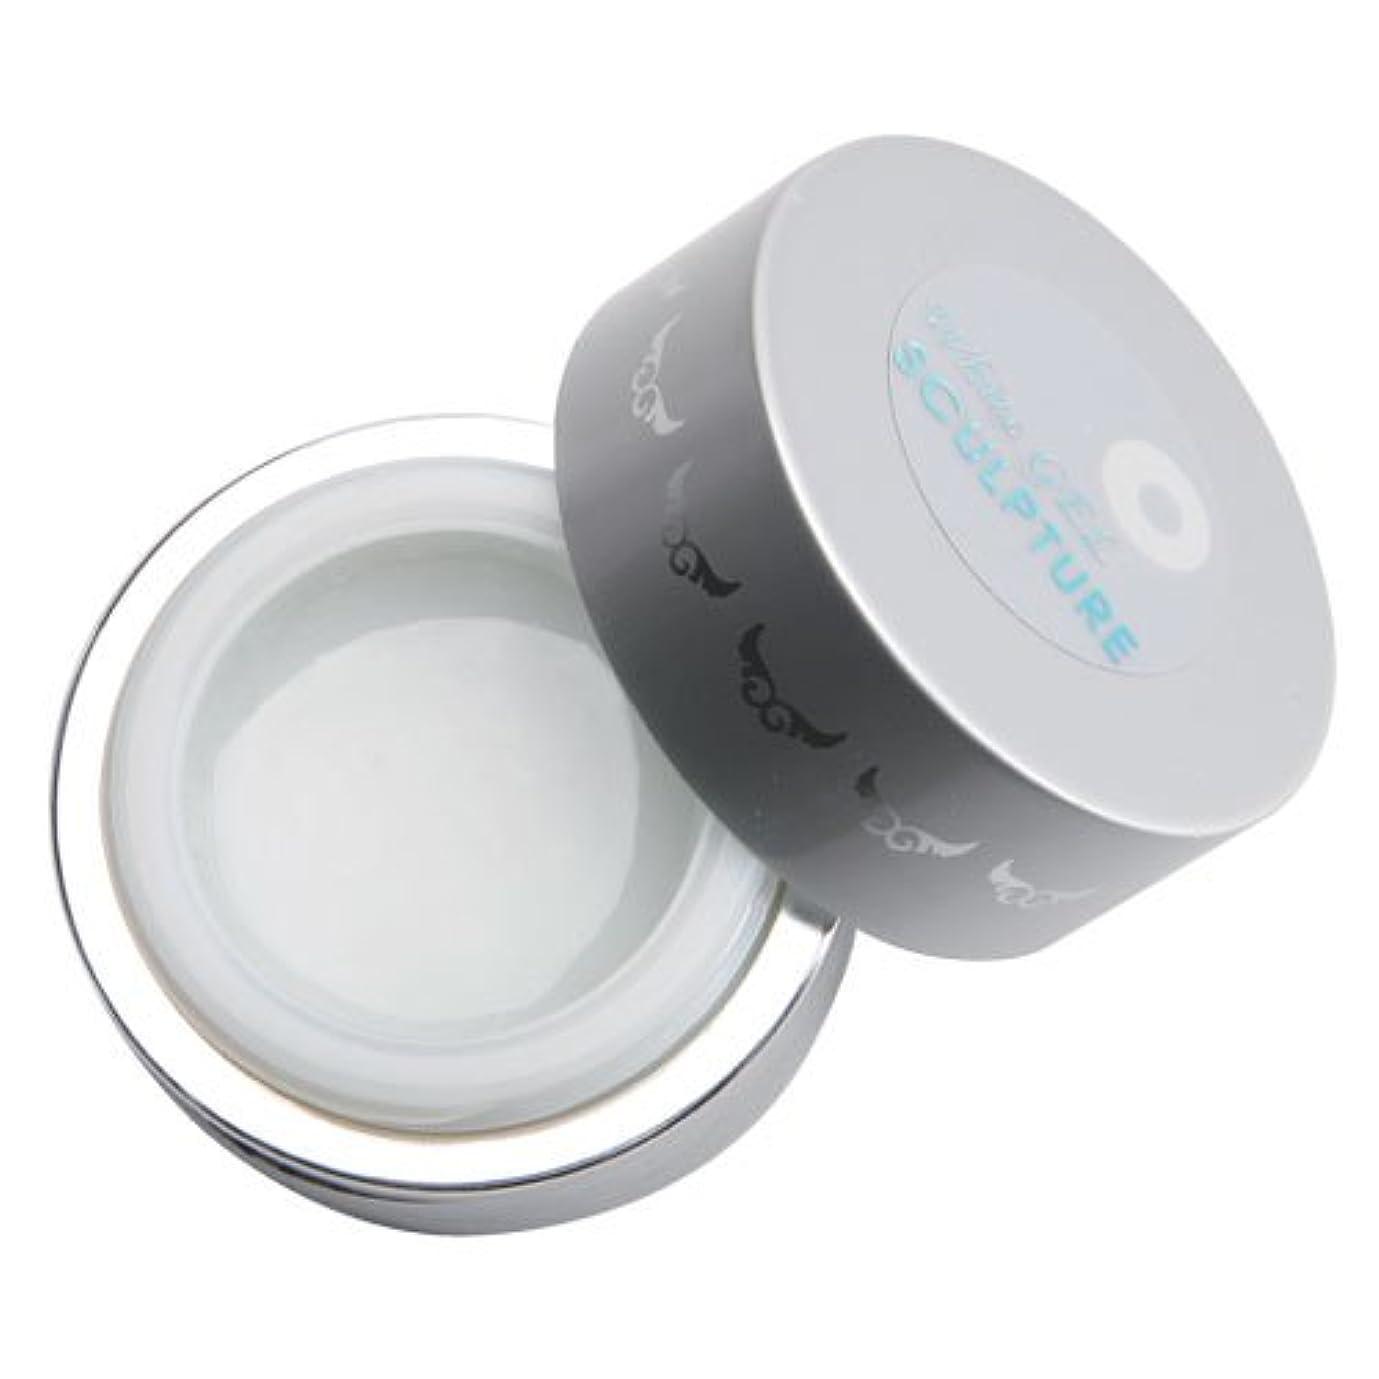 かもめ資料期限グラシア ジェルネイル ホワイトスカルプチュアクリアジェル GSW-A01 7g   UV対応  ソークオフ不可